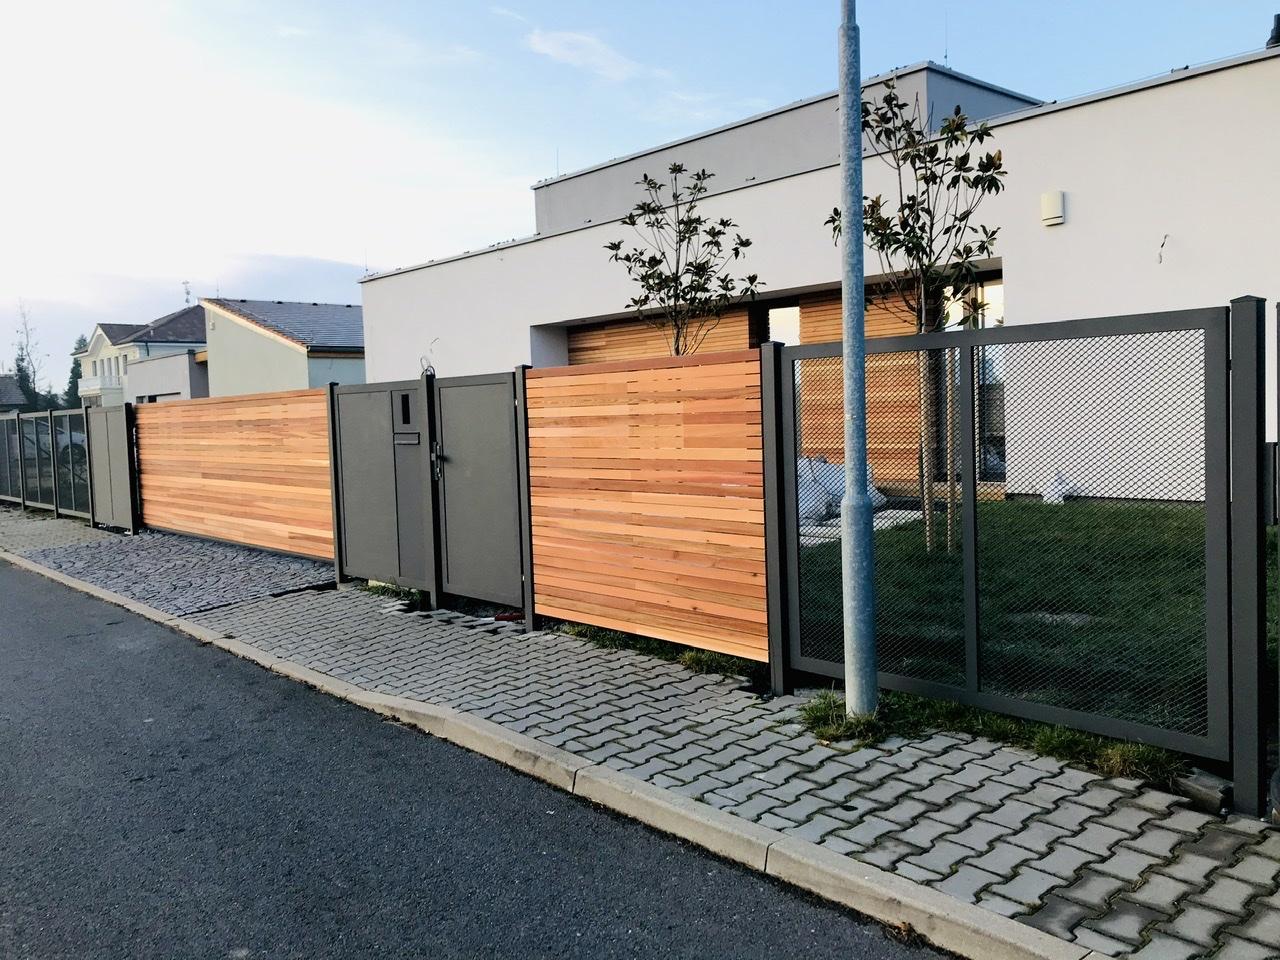 Naše L-ko - začiatok 4. roku bývania - Predný plot - skoro dokončený - osadené drevo na posuvnej bráne a bočnej časti, už olejované. Na pravej drevenej časti plotu bude ocelový antracitový obdĺžnik s číslom popisným. Tento prvok bude zafrezovany do dreva aby lícoval